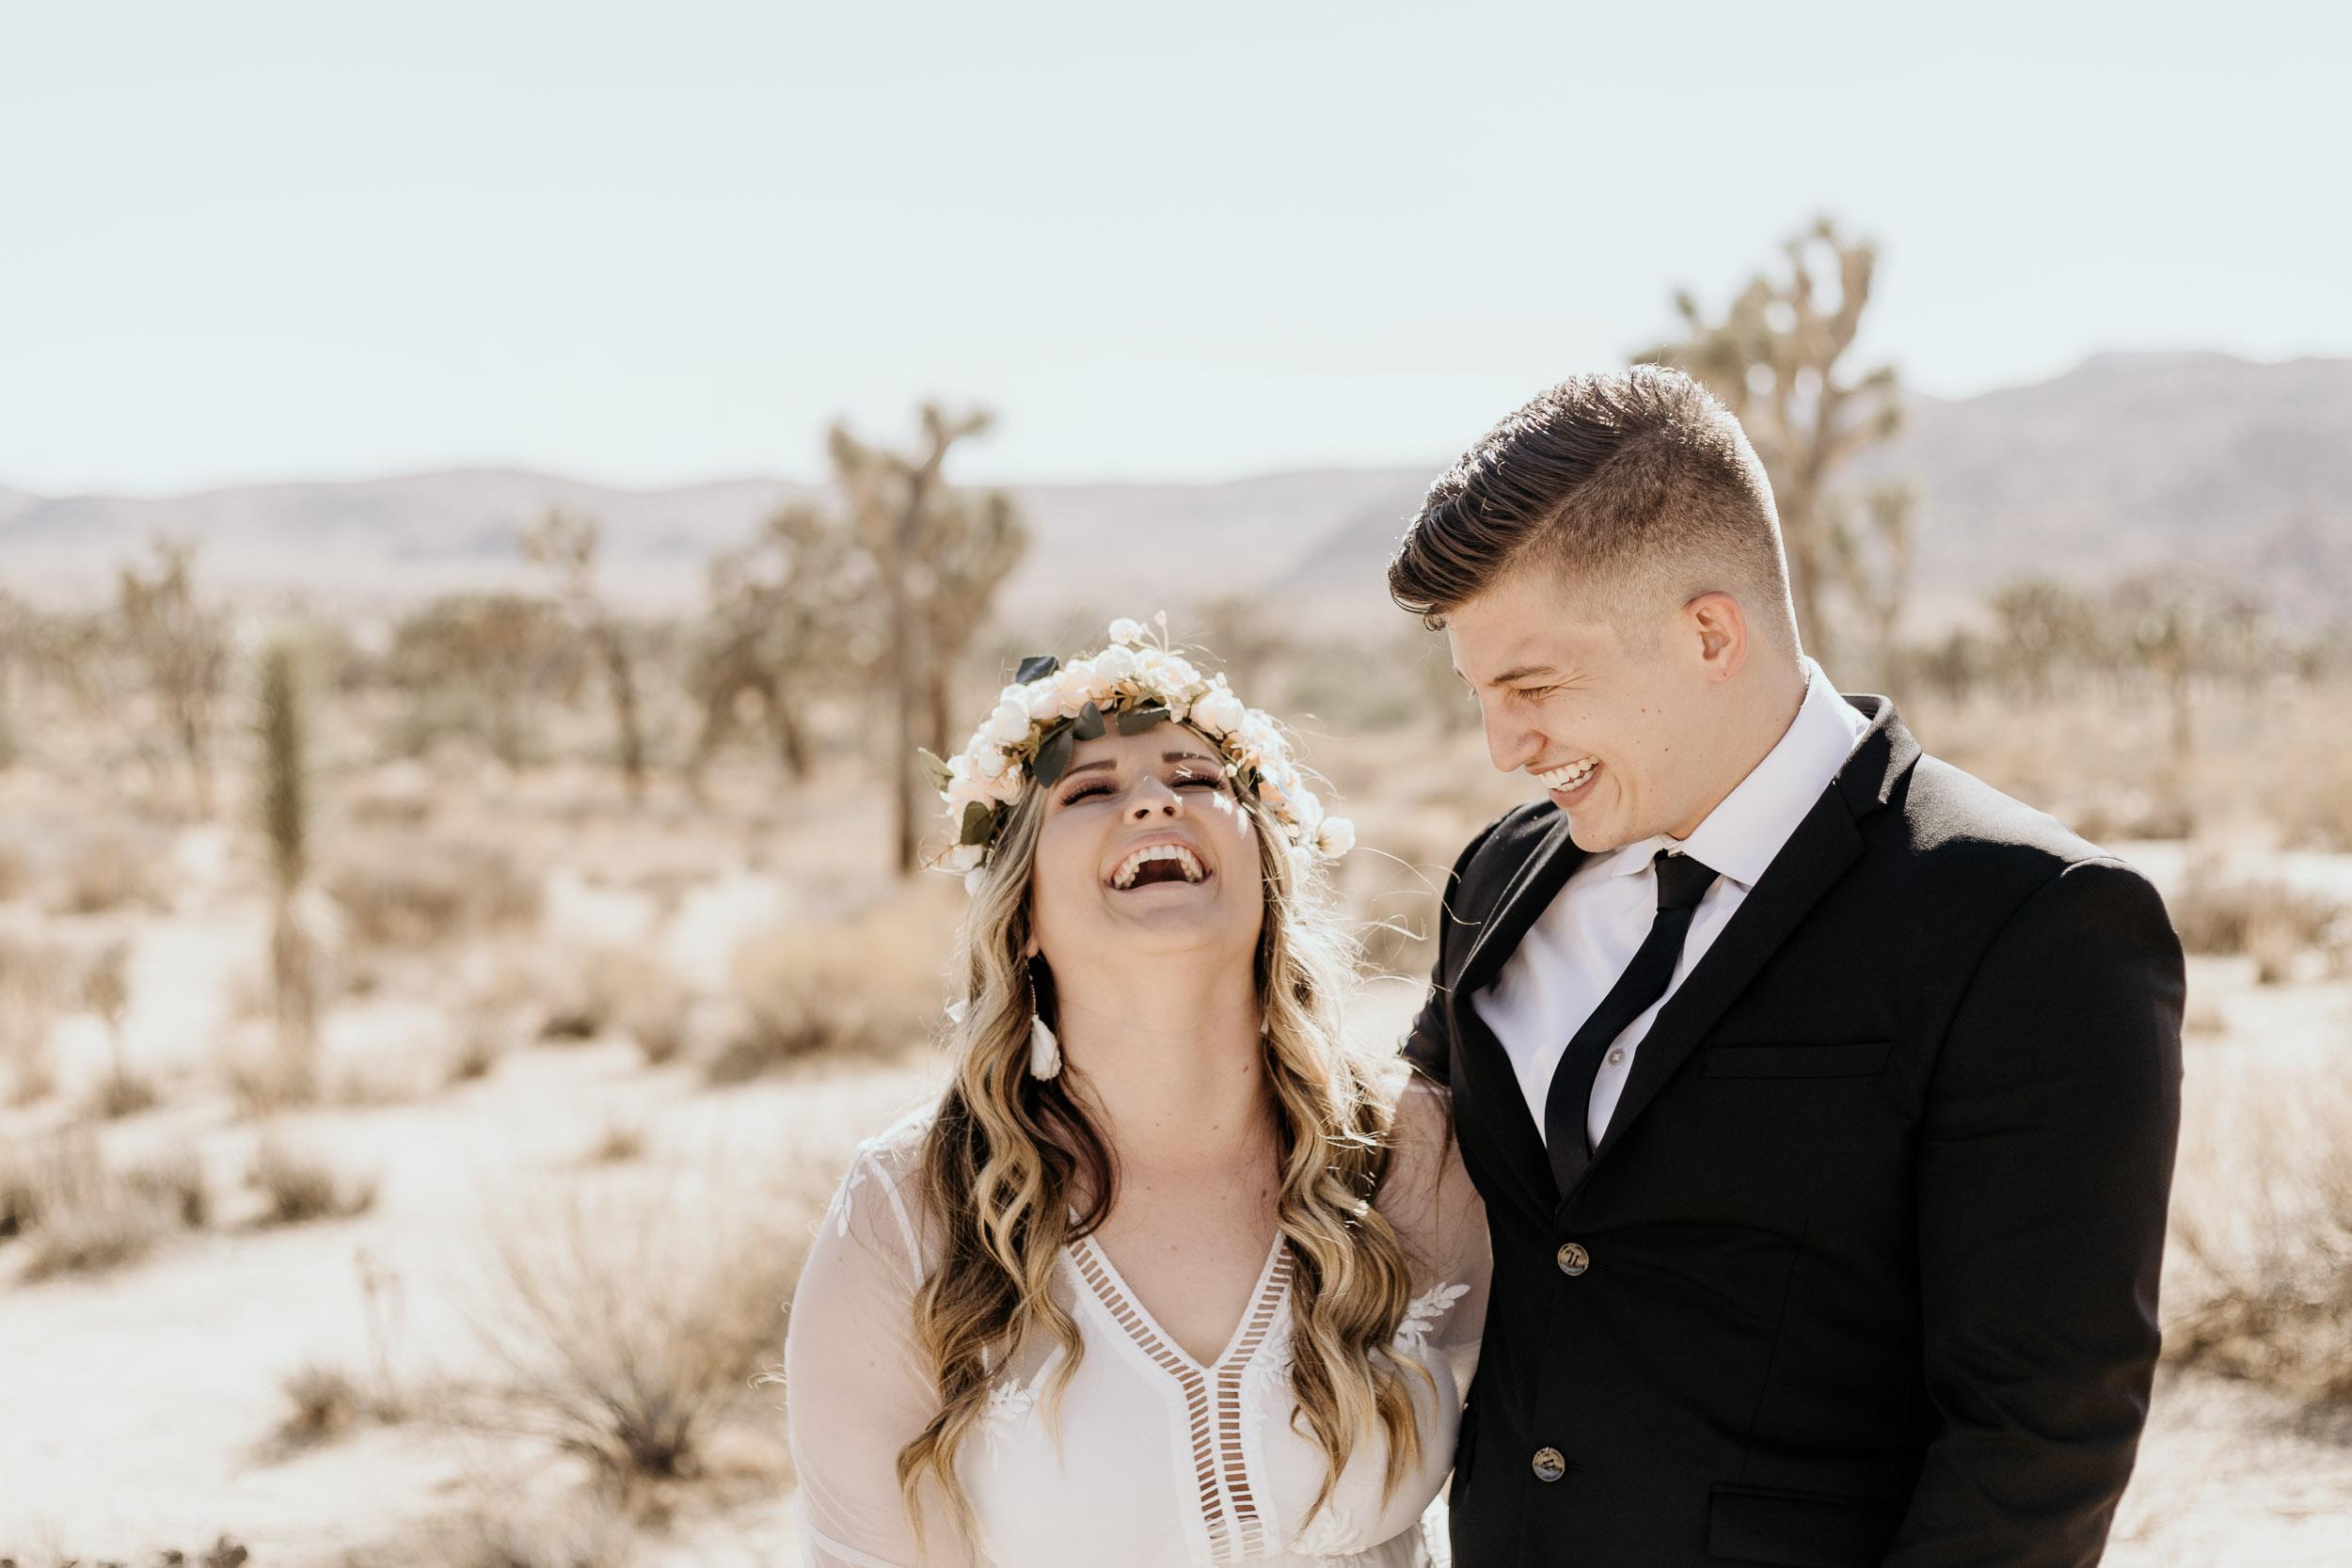 intimate-wedding-elopement-photographer-ottawa-joshua-tree-0186.jpg